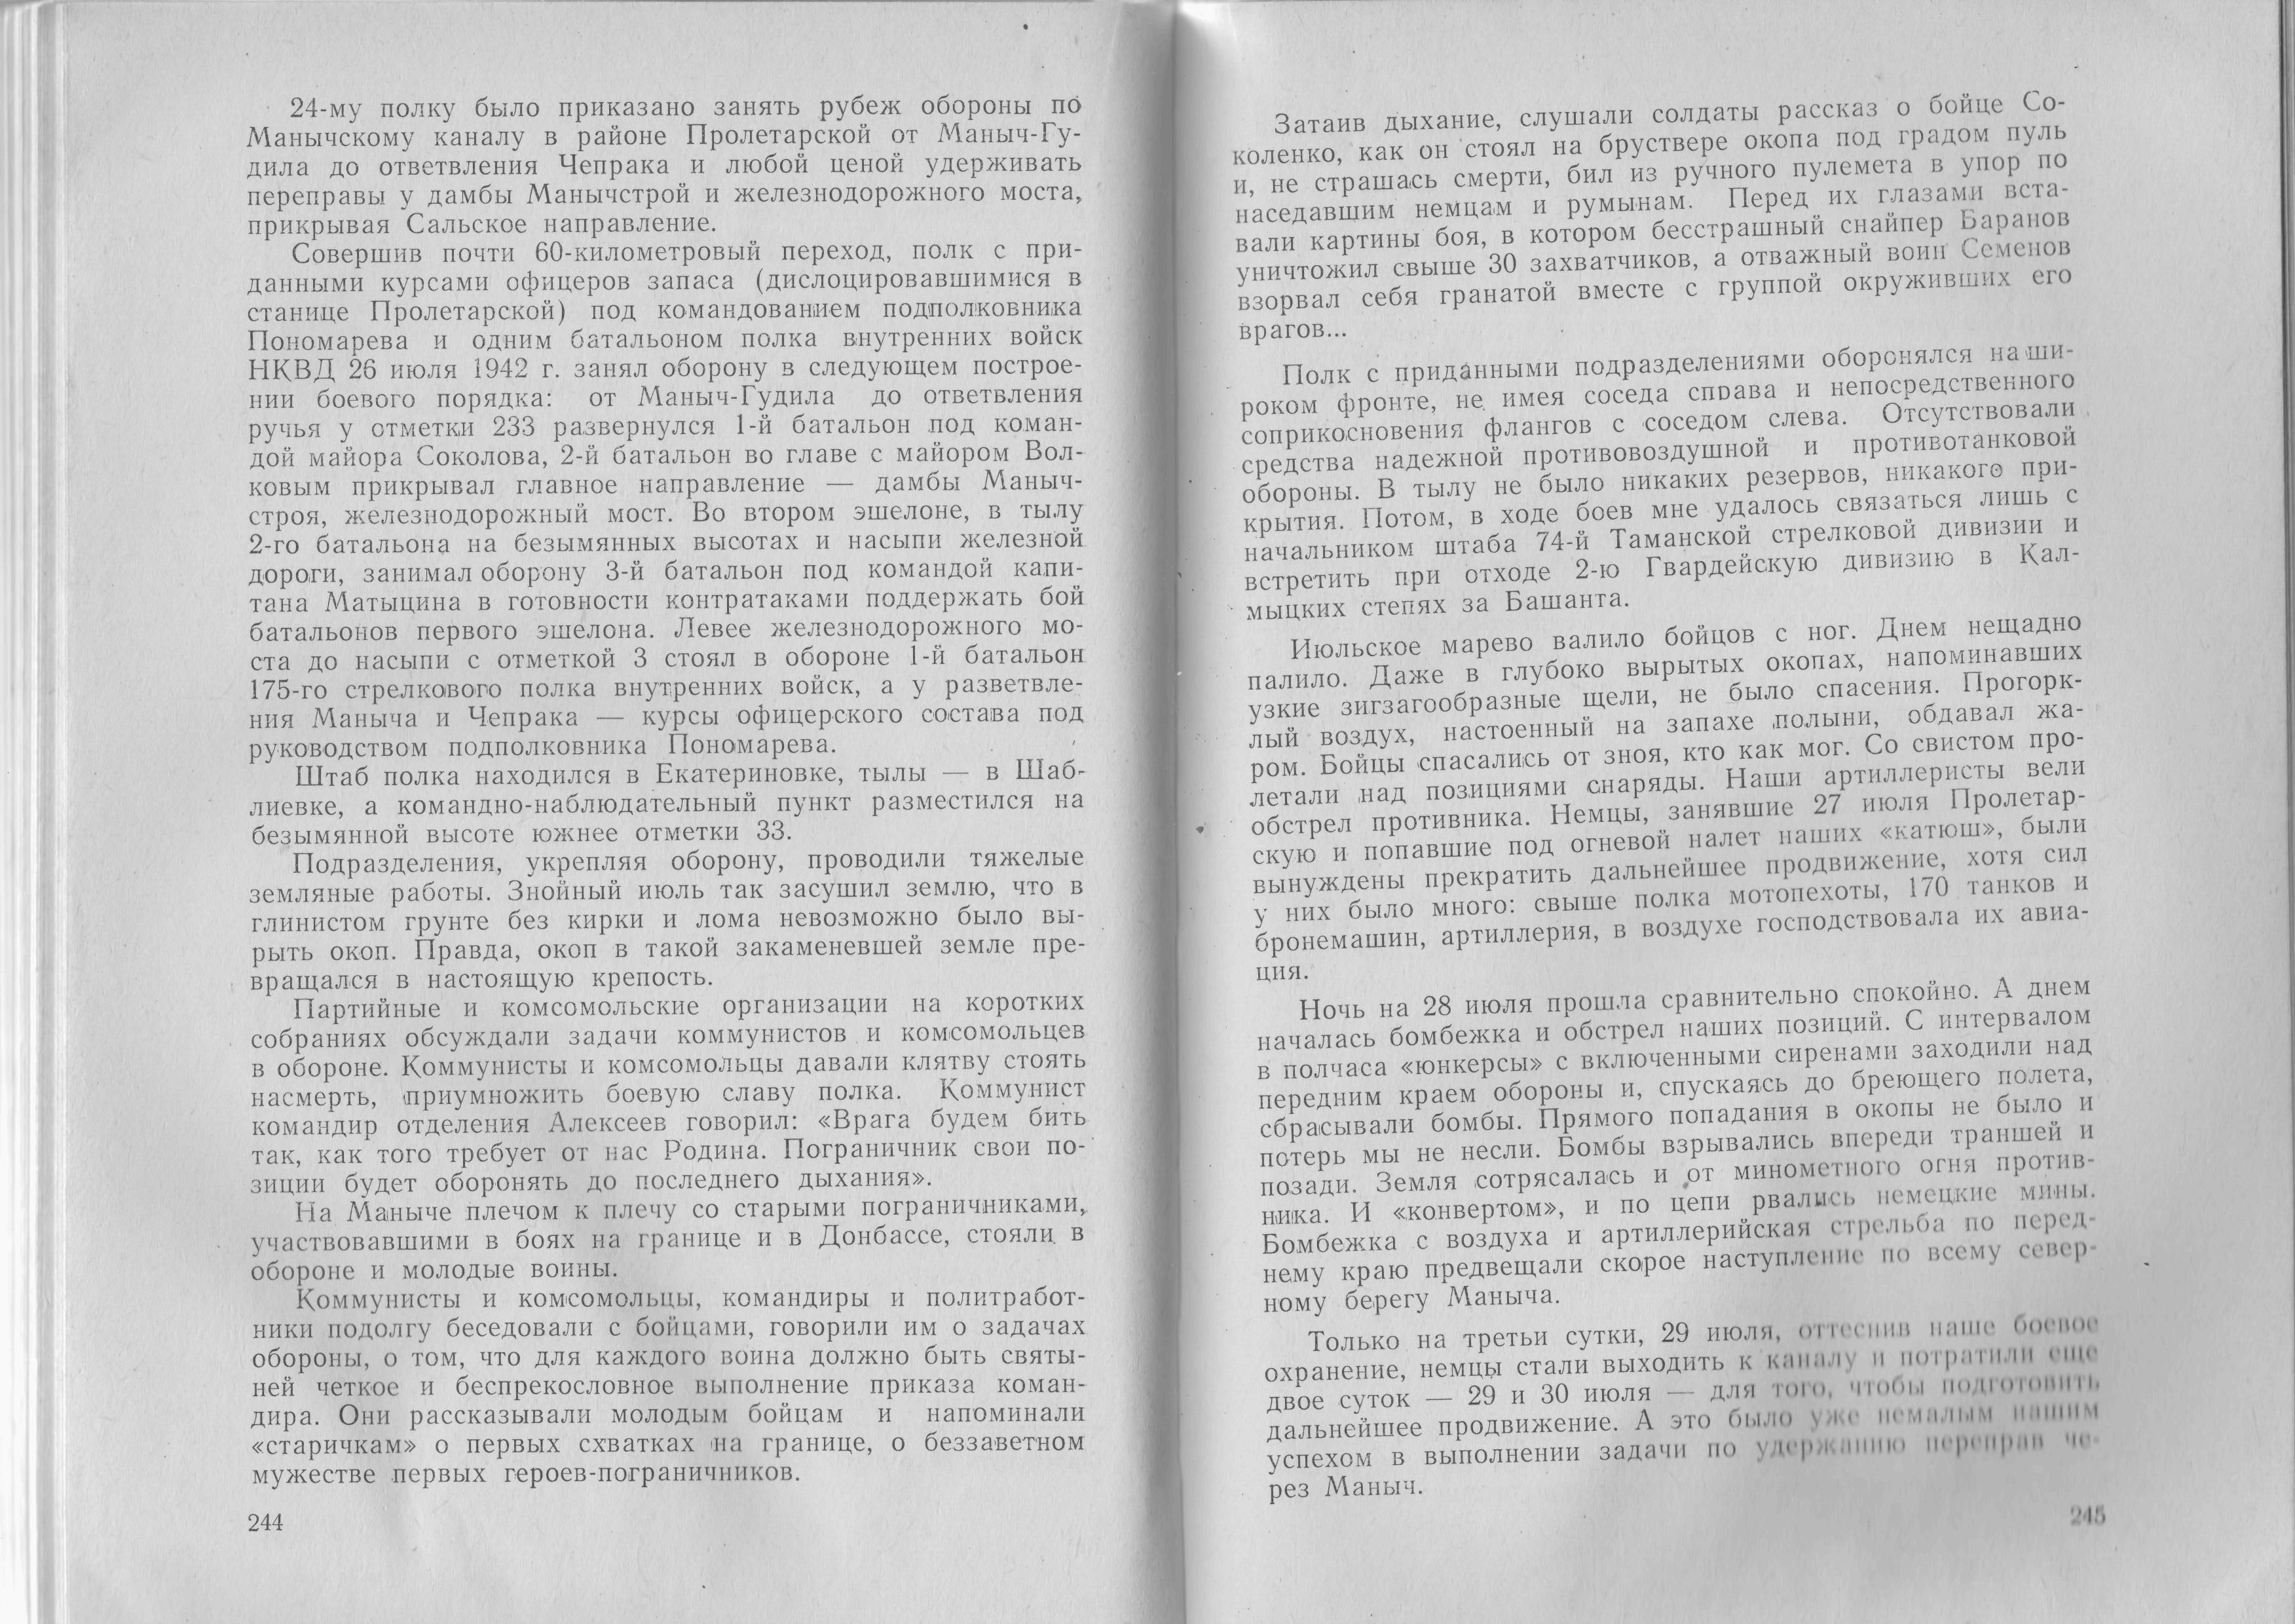 Книга «На страже границ Советского государства» (текст С. Е. Капустина) - Страница 244-245